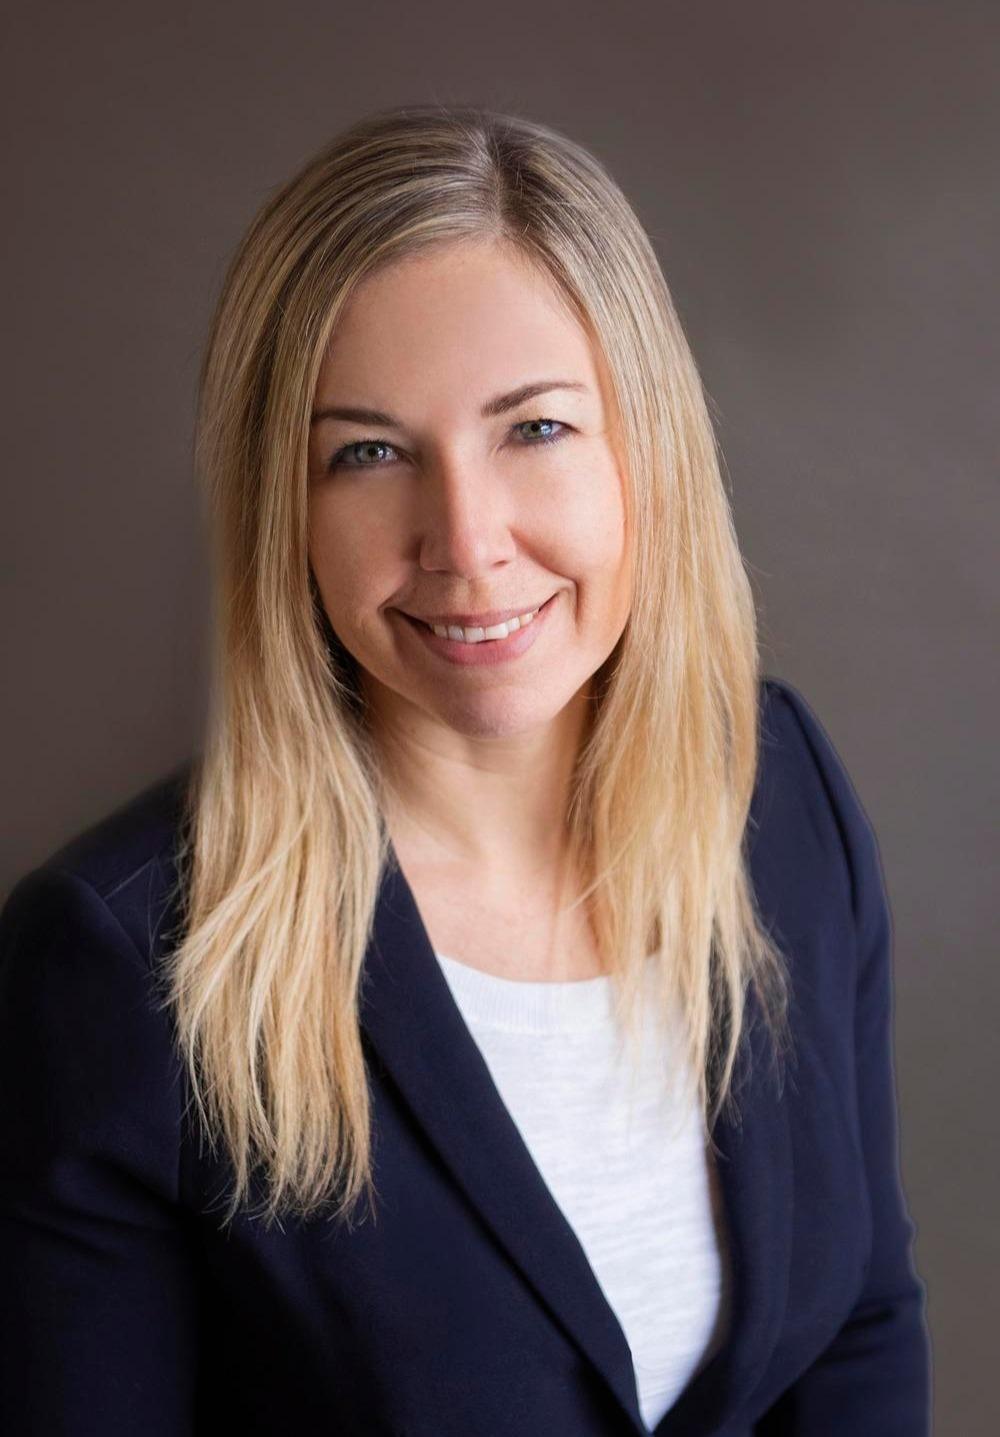 Kari L. Prochazka Photo